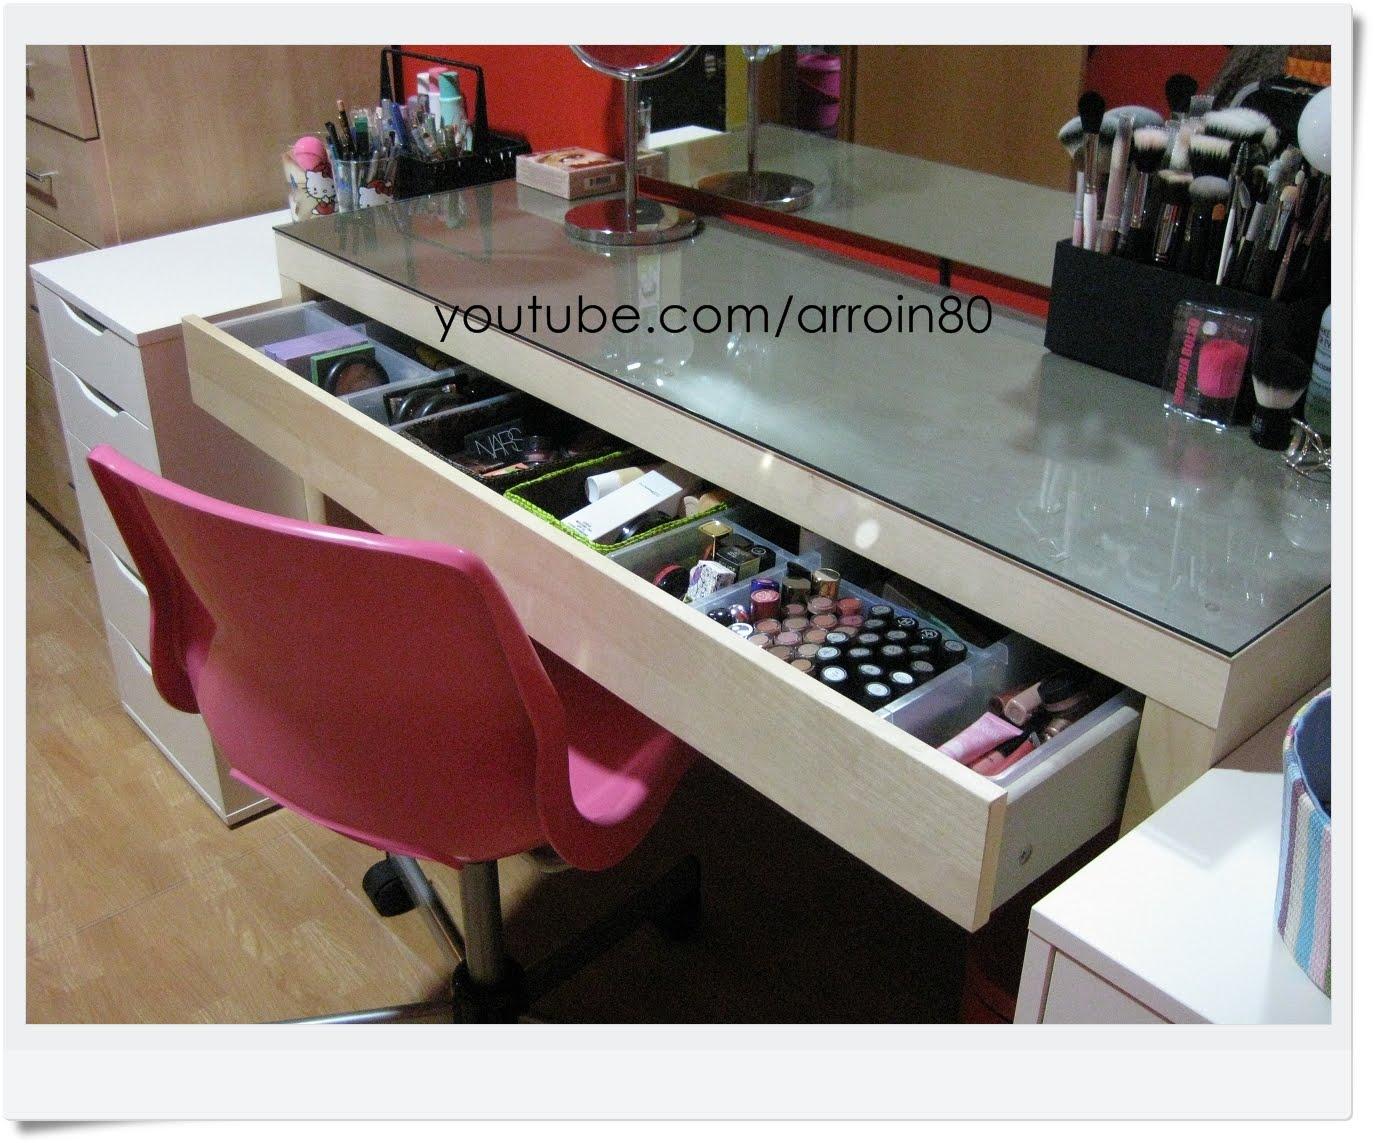 Arroin80 - Blog de belleza (cosmética y maquillaje): ¡Oh! IKEA